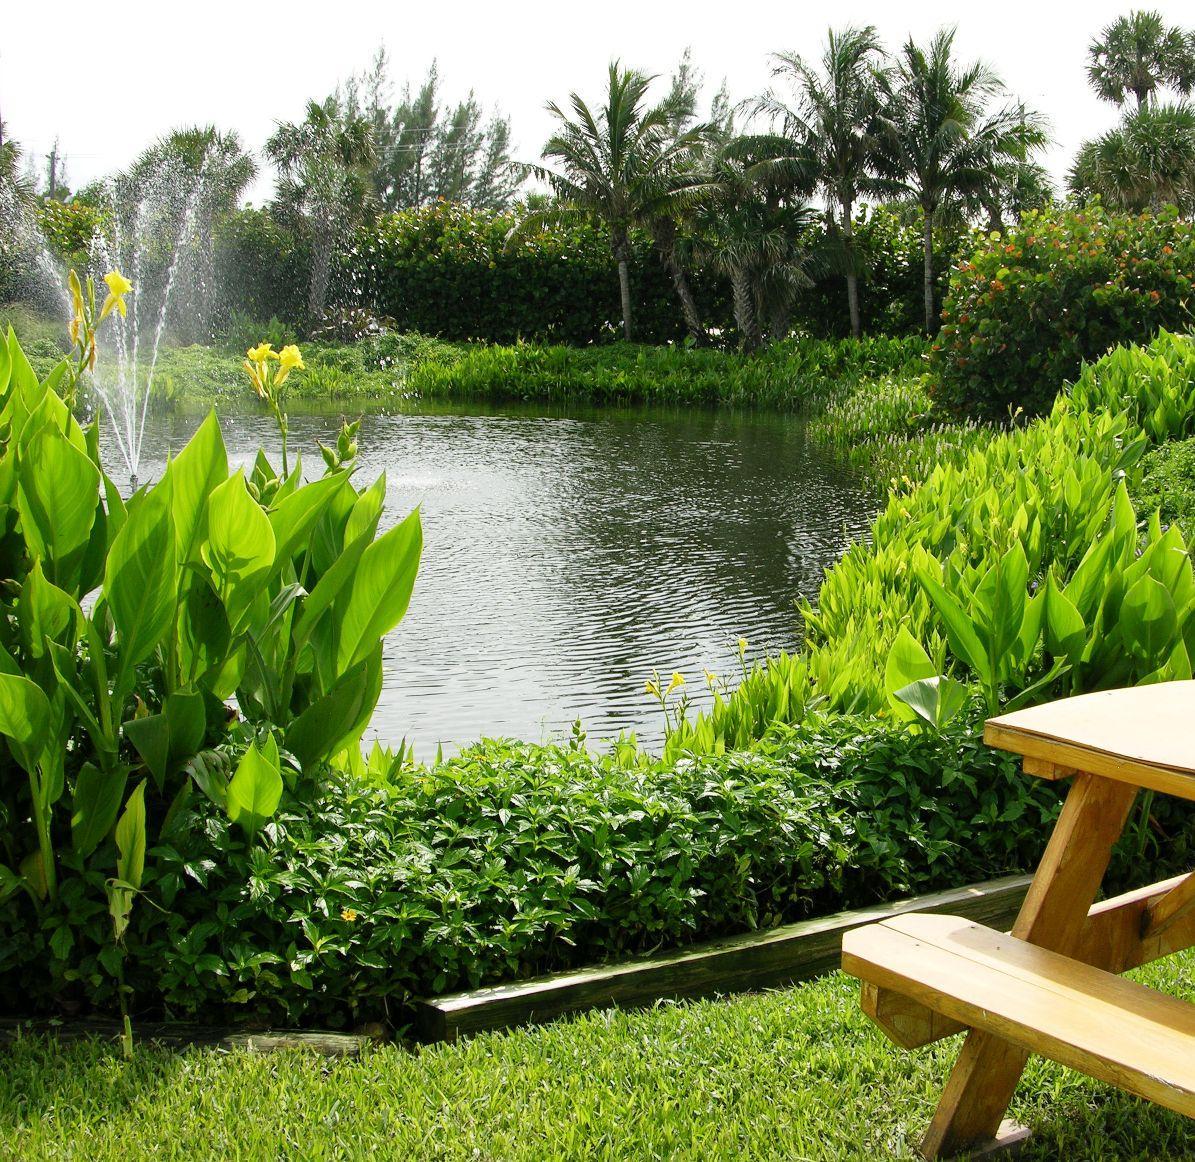 Picnic bench by pond